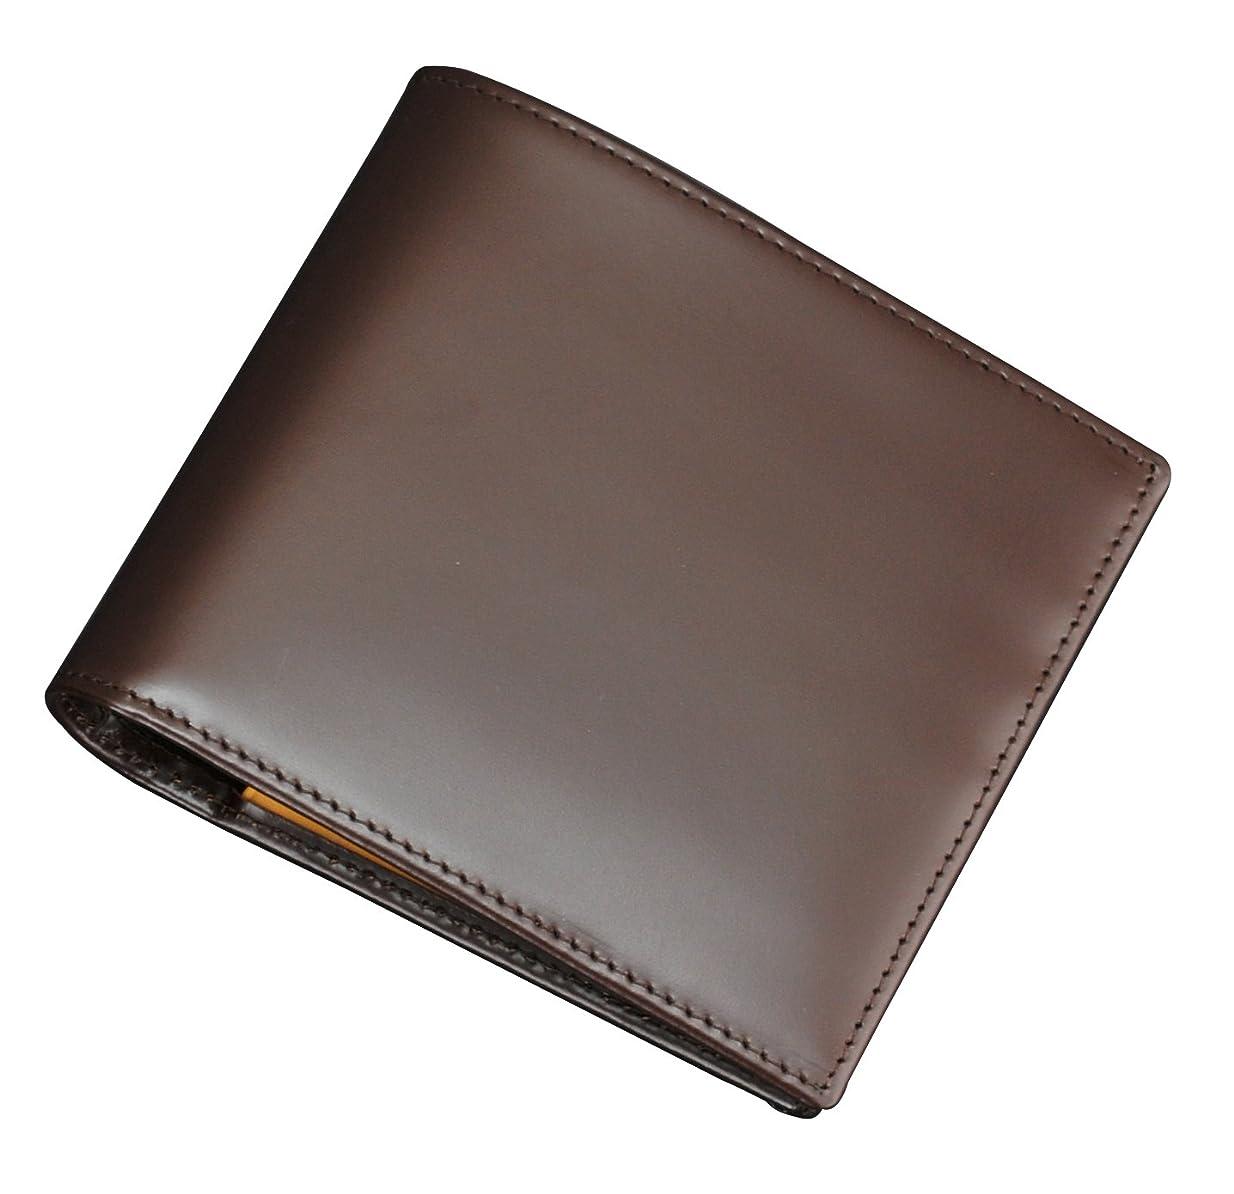 肉出くわす安息(エッティンガー) ETTINGER [ブラウン]折り畳み式カードポケット&コインパース ブライドルレザー2つ折財布【並行輸入品】